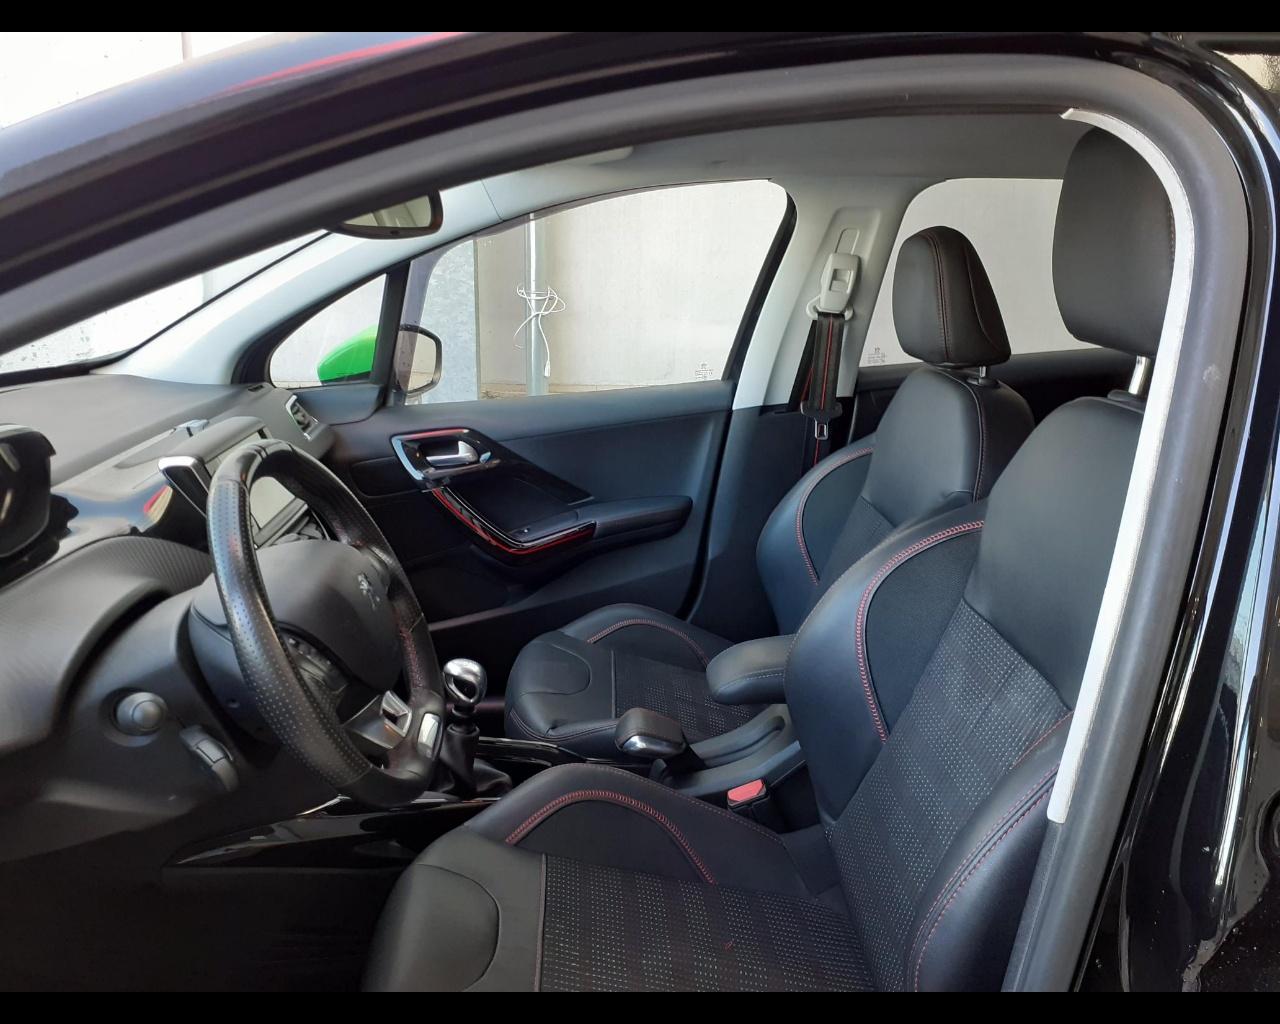 Foto PEUGEOT Peugeot 2008 1.6 bluehdi Gt Line s&s 120cv